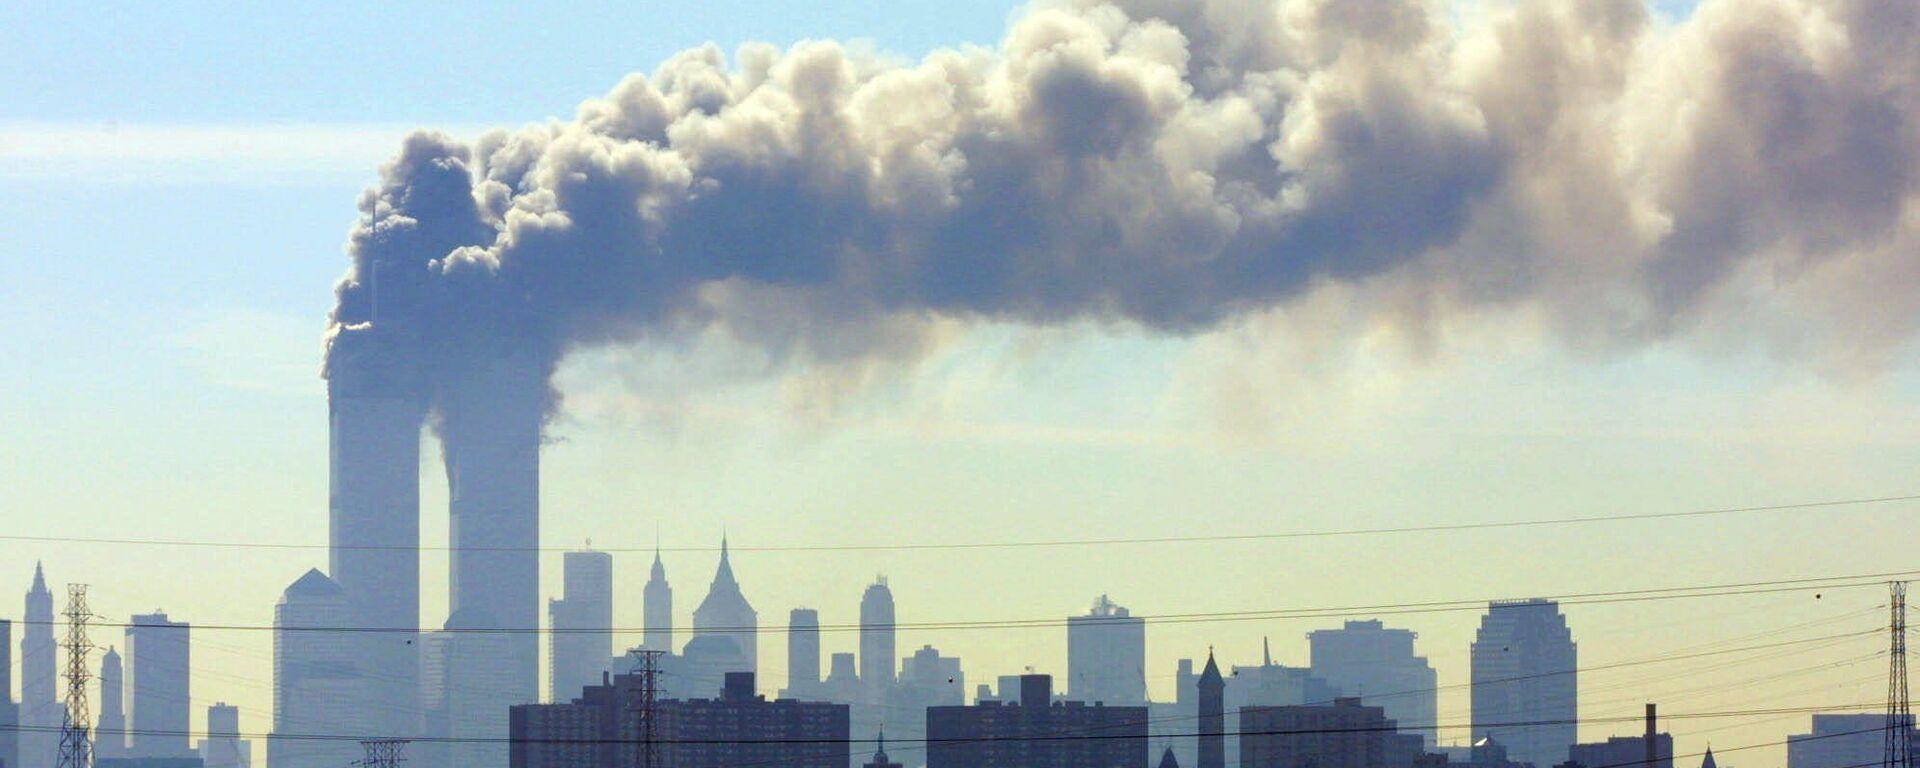 Разрушения в результате теракта 11 сентября в Нью-Йорке - Sputnik Грузия, 1920, 11.09.2016